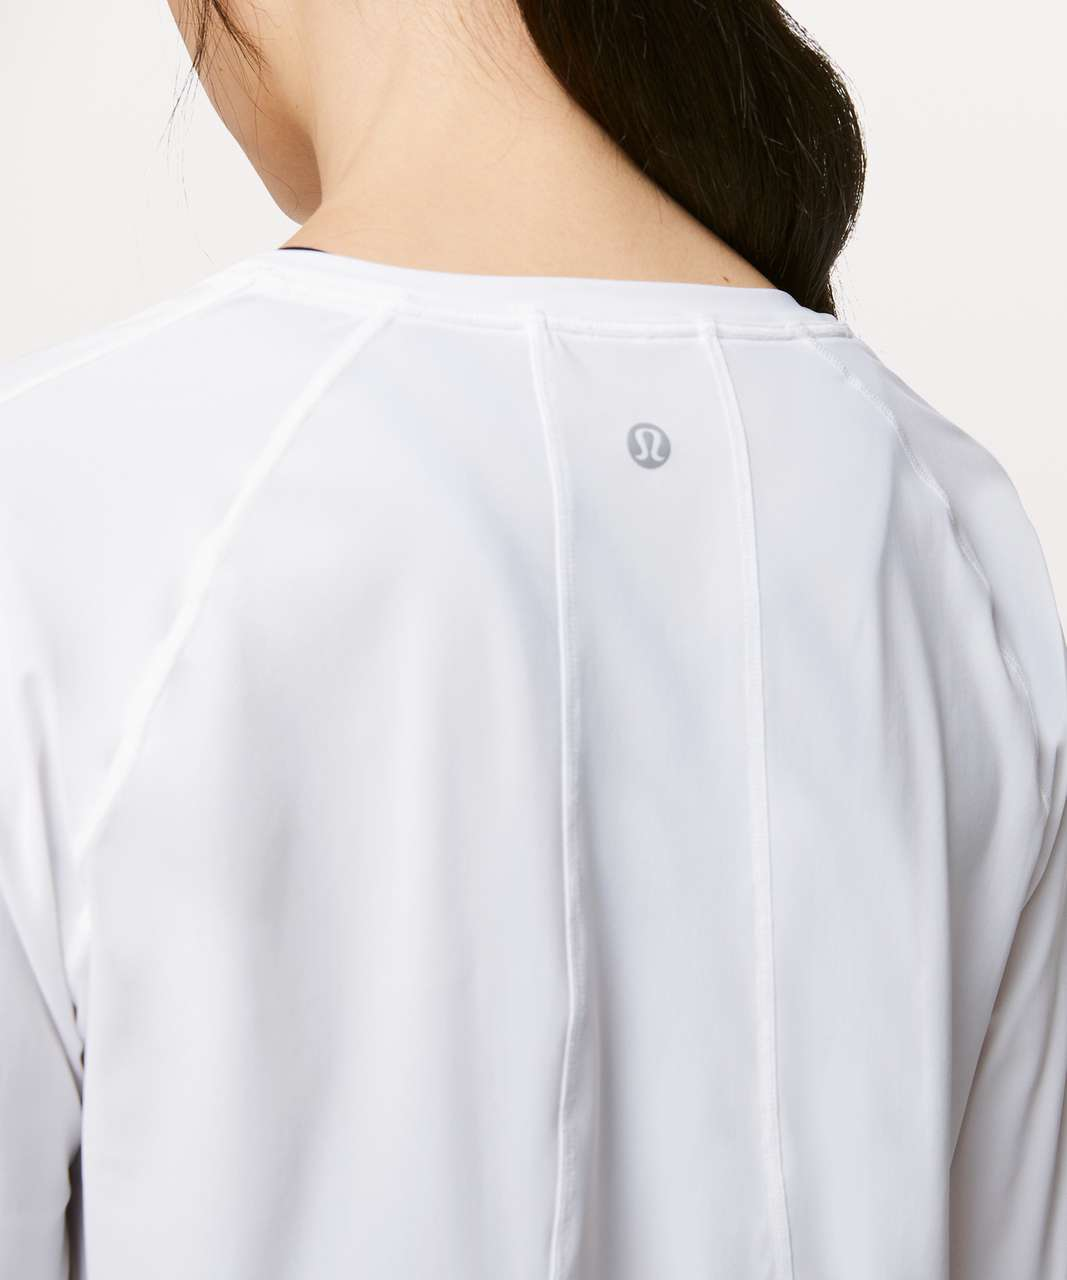 Lululemon Stripe In Stride Long Sleeve - White